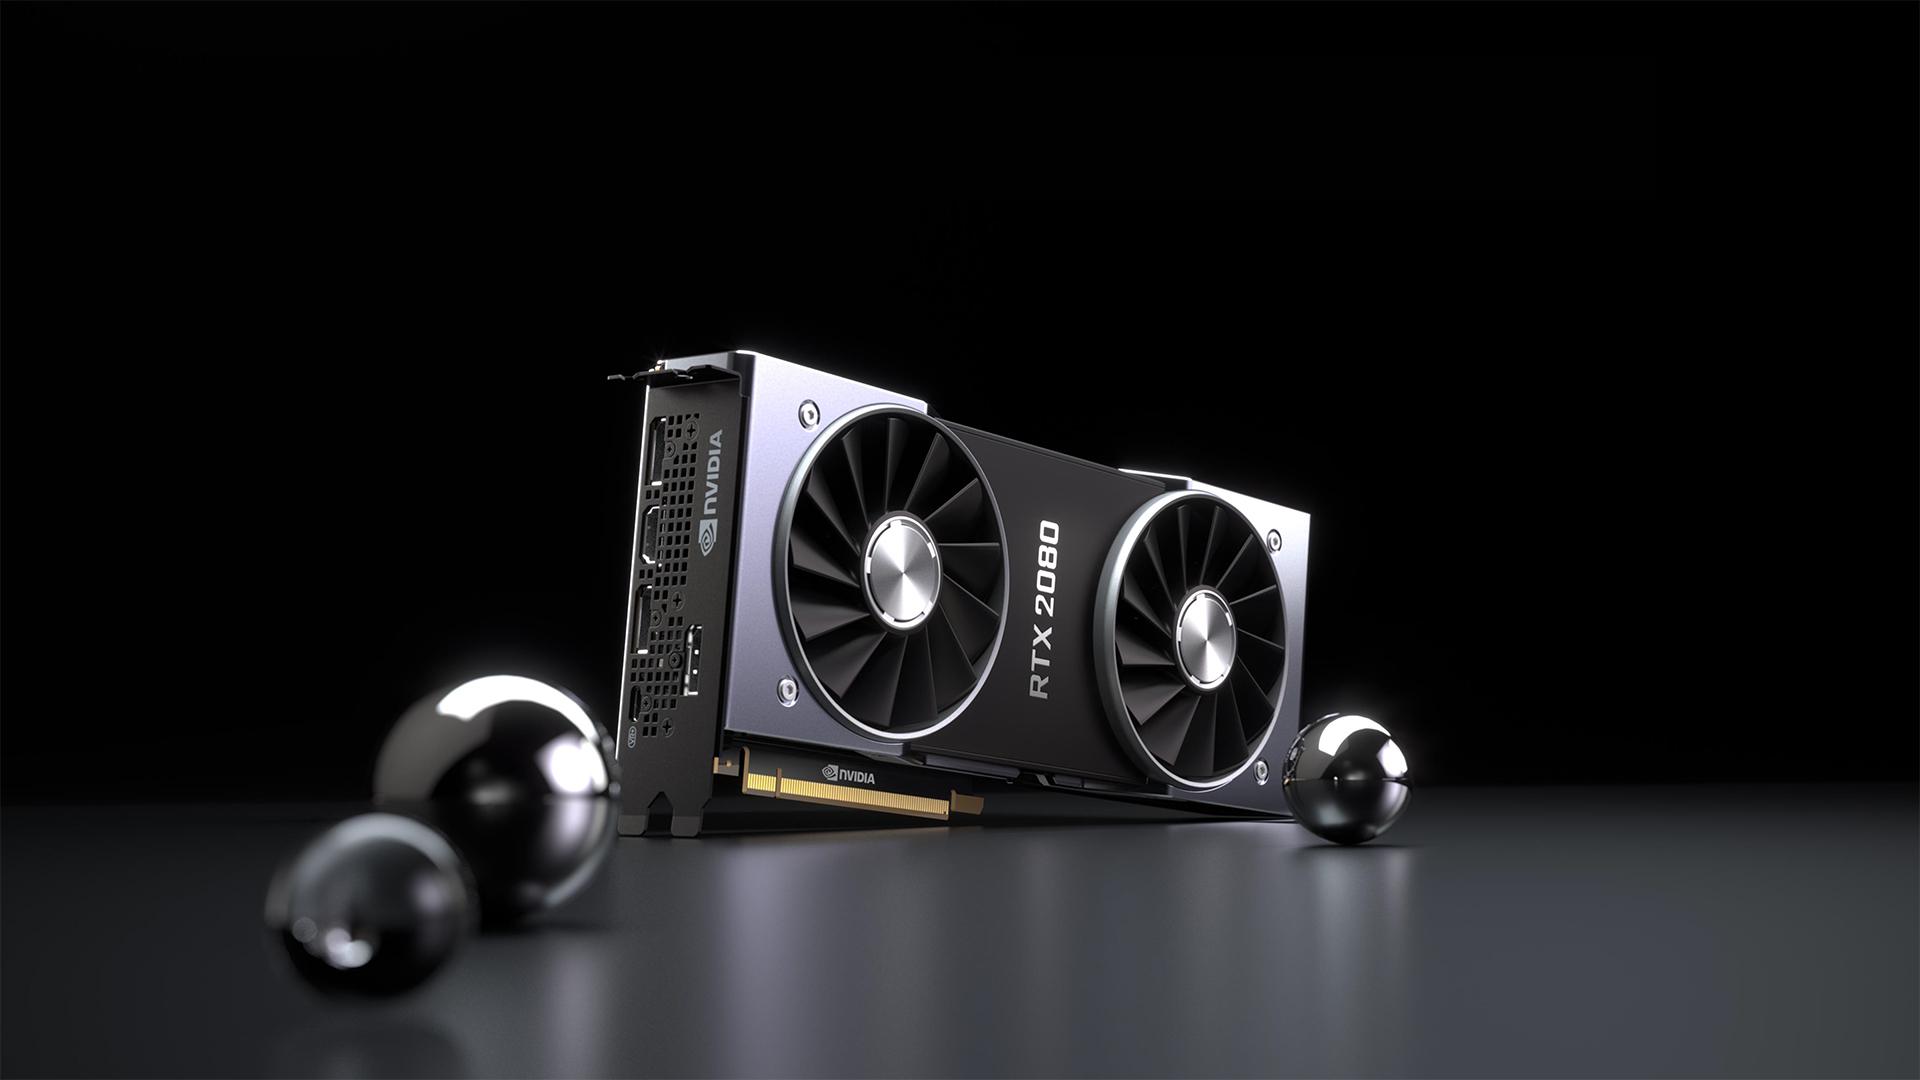 RTX 2060 od teraz będzie tańszy. Nvidia obniżyła cenę świetnej karty graficznej 18